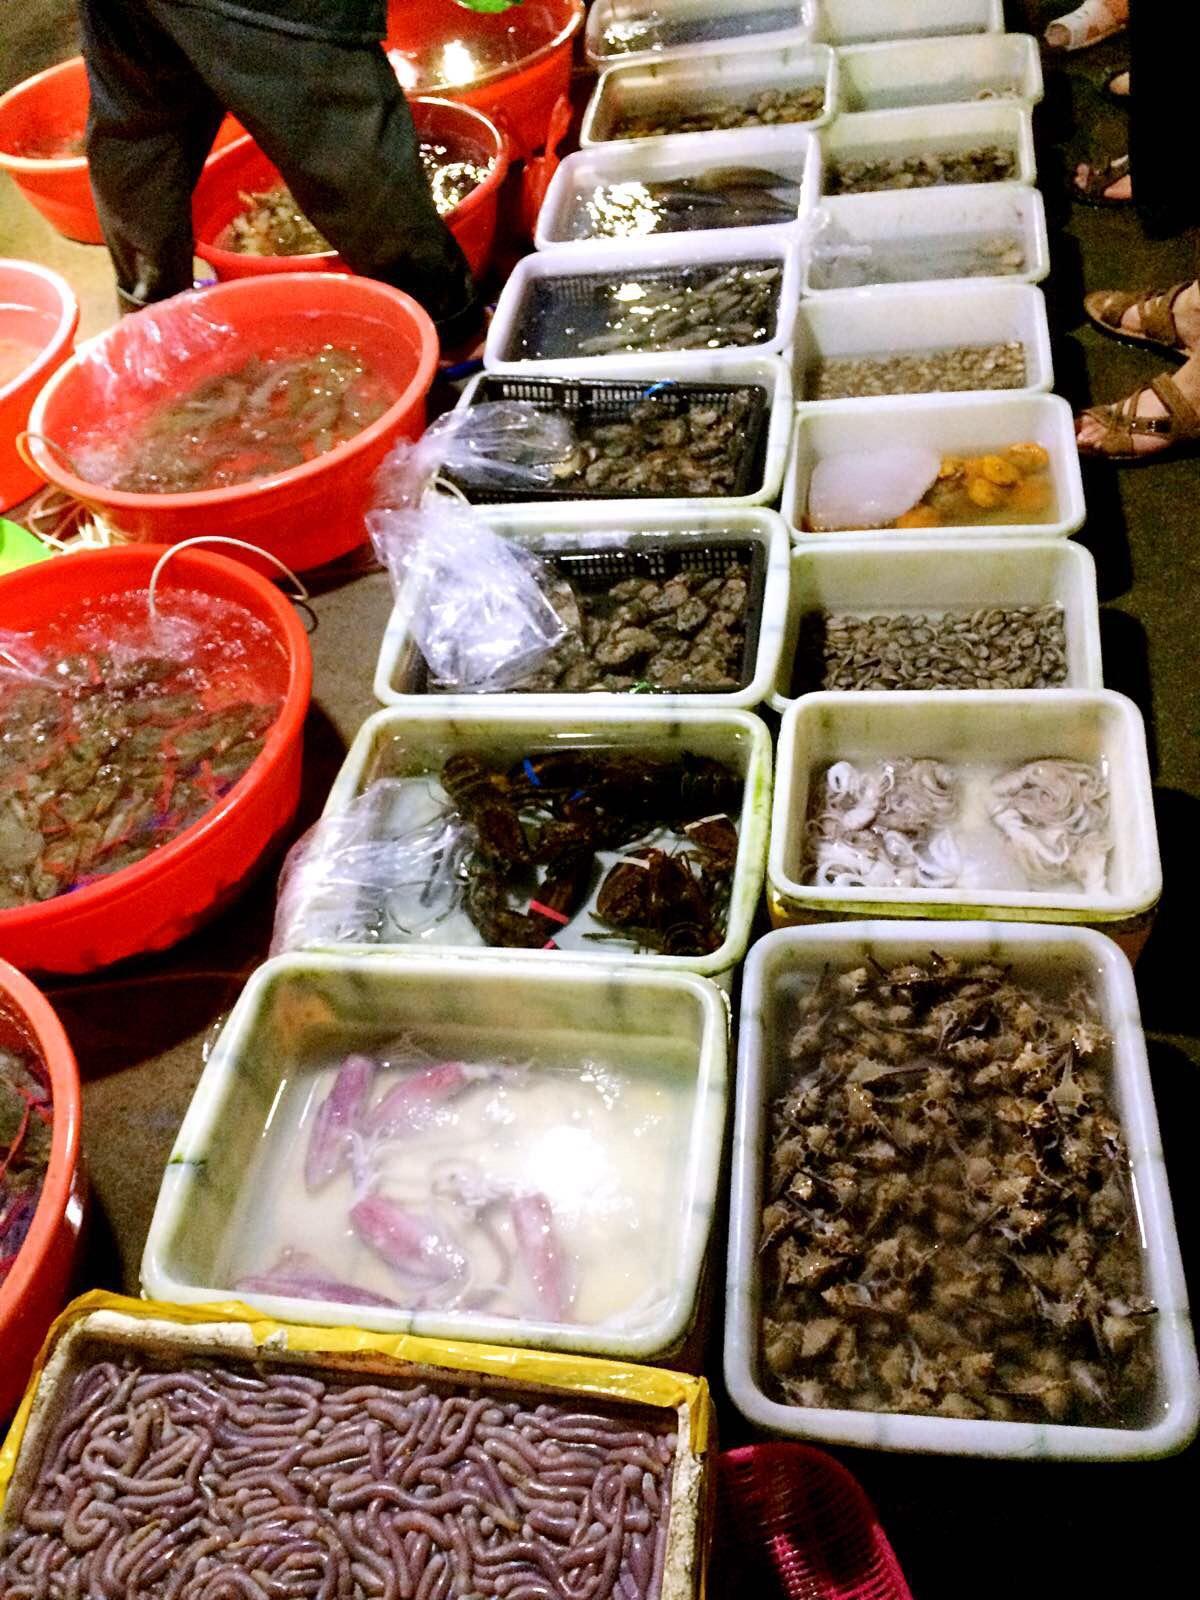 海鲜市场,有沙虫看起来怪怪的,忍住海鲜宵夜诱惑乖乖回酒店睡觉.